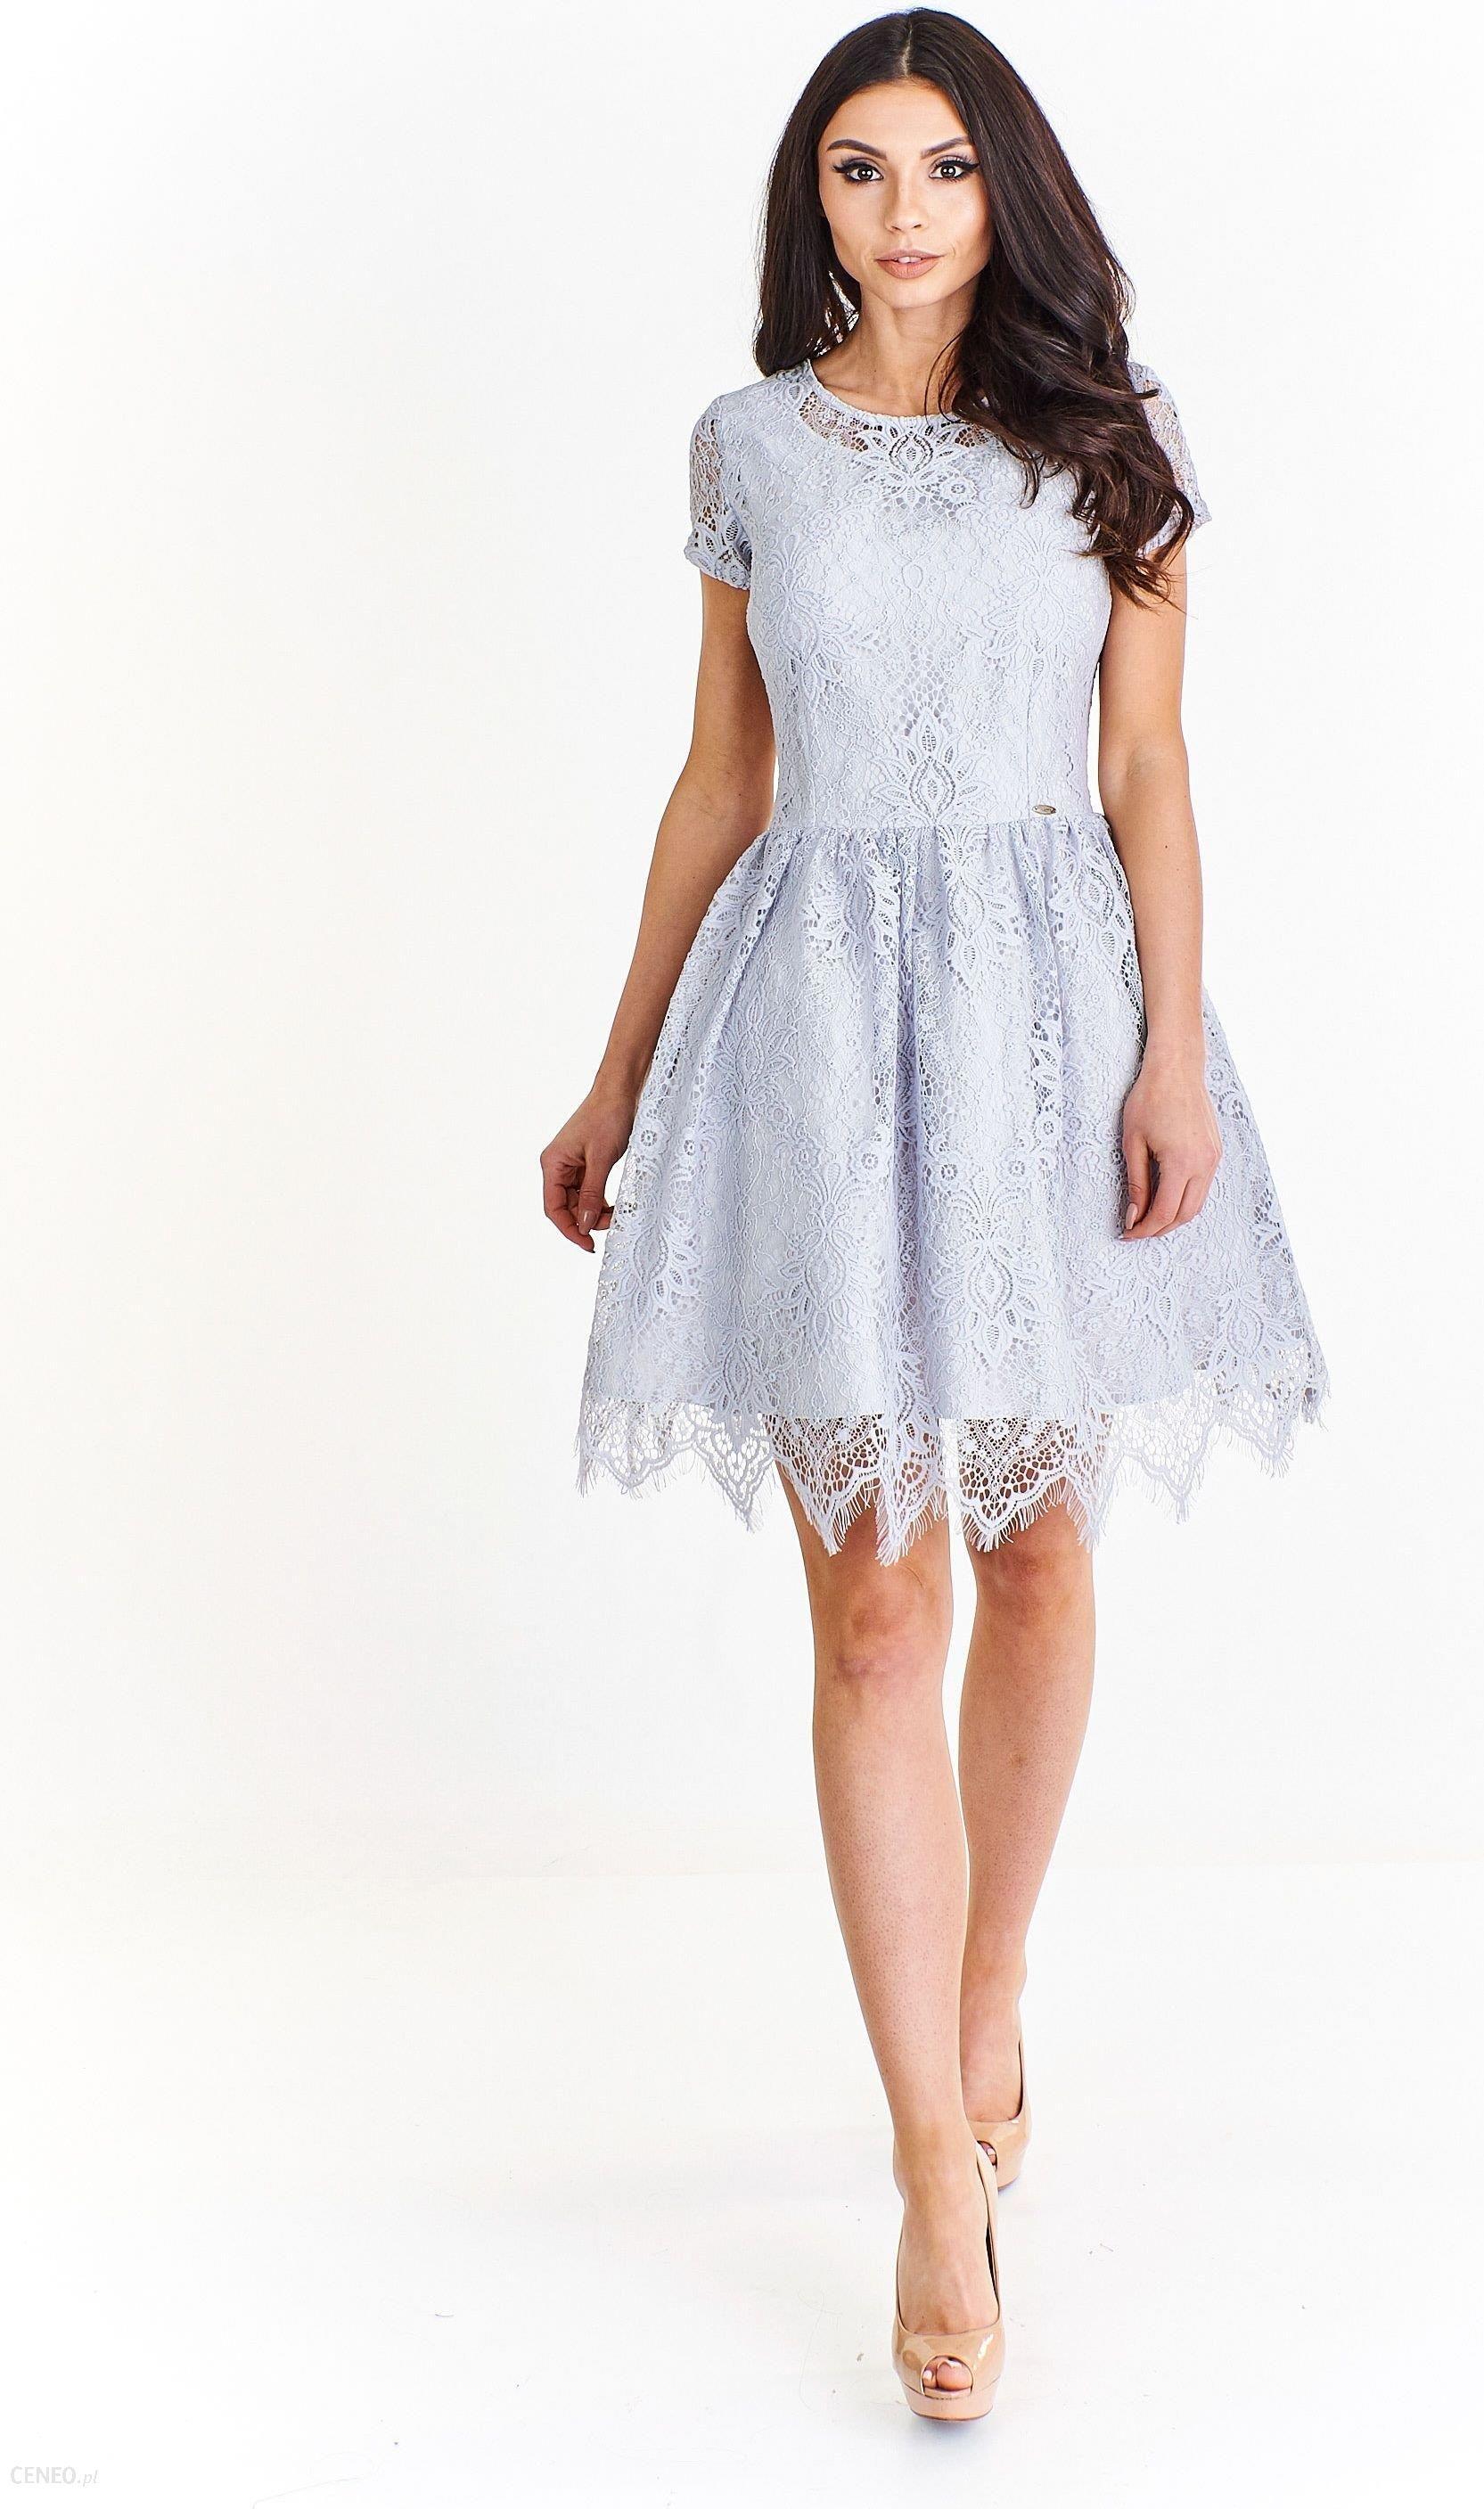 a07713d096 Ptak Moda Dwuwarstwowa sukienka koktajlowa z koronką M55352 szara r. 34 -  zdjęcie 1